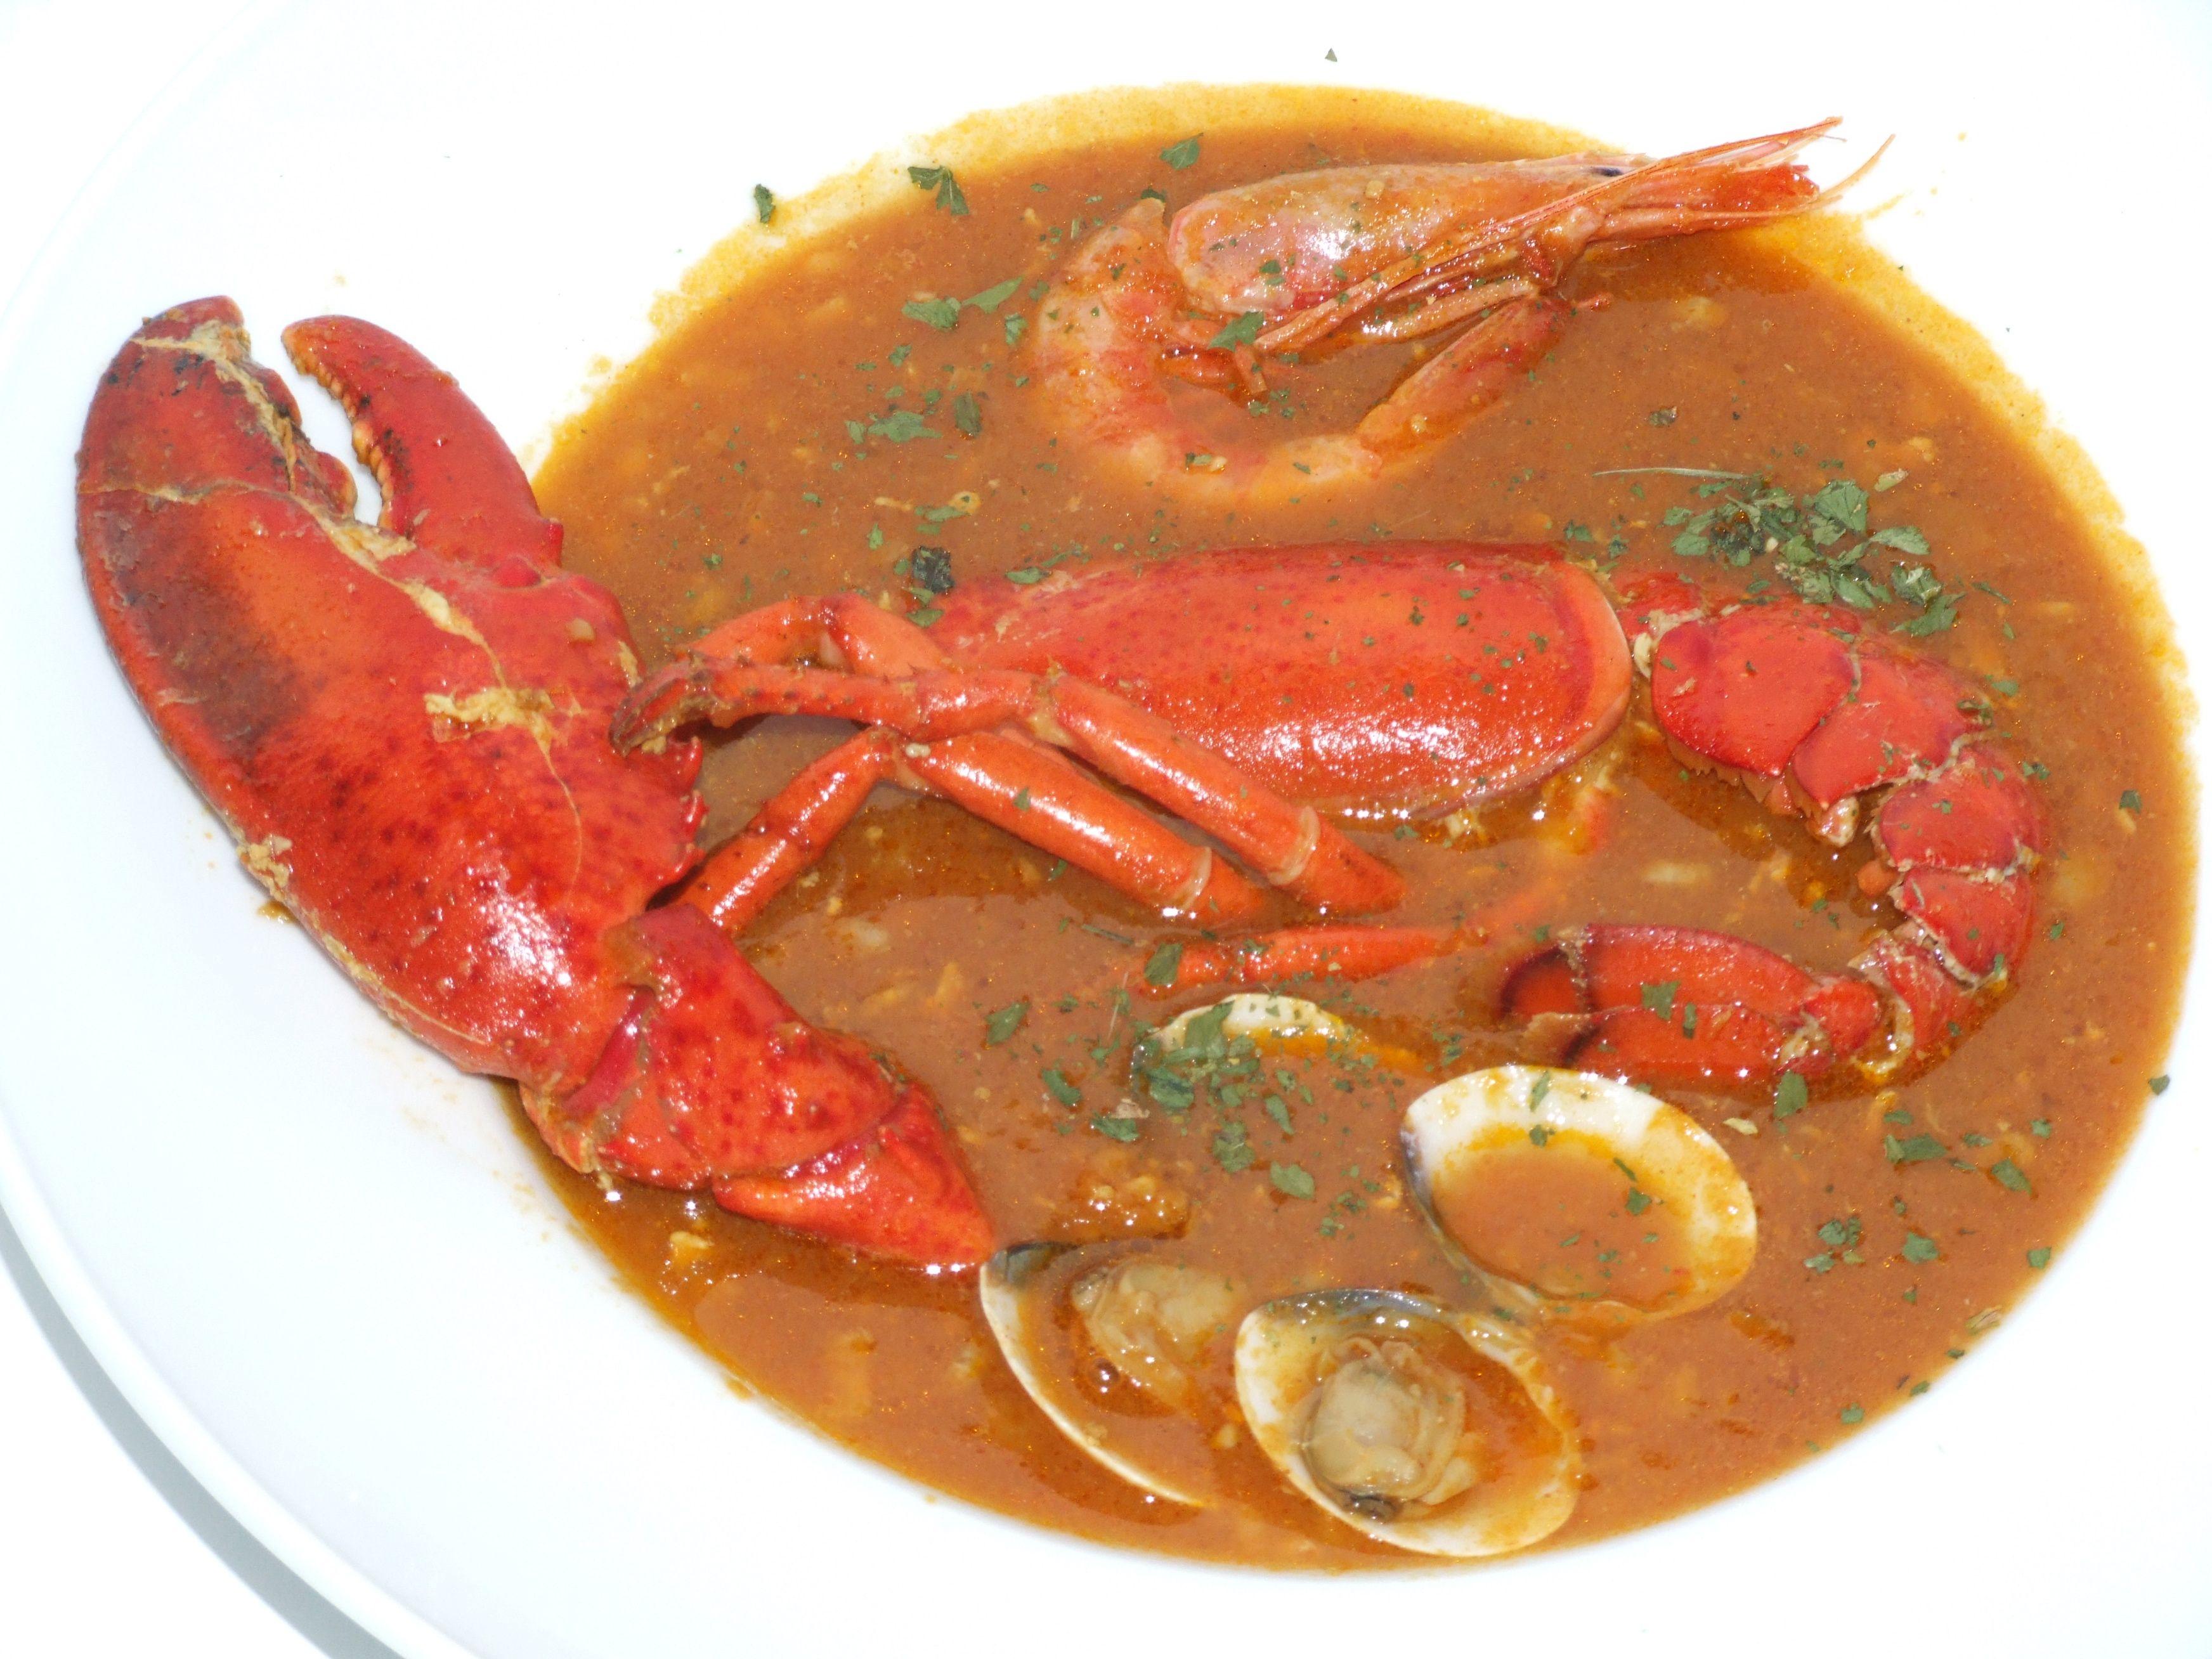 Sopa de marisco sopas pinterest comida comida casera y comida a domicilio - Cocina casera a domicilio ...